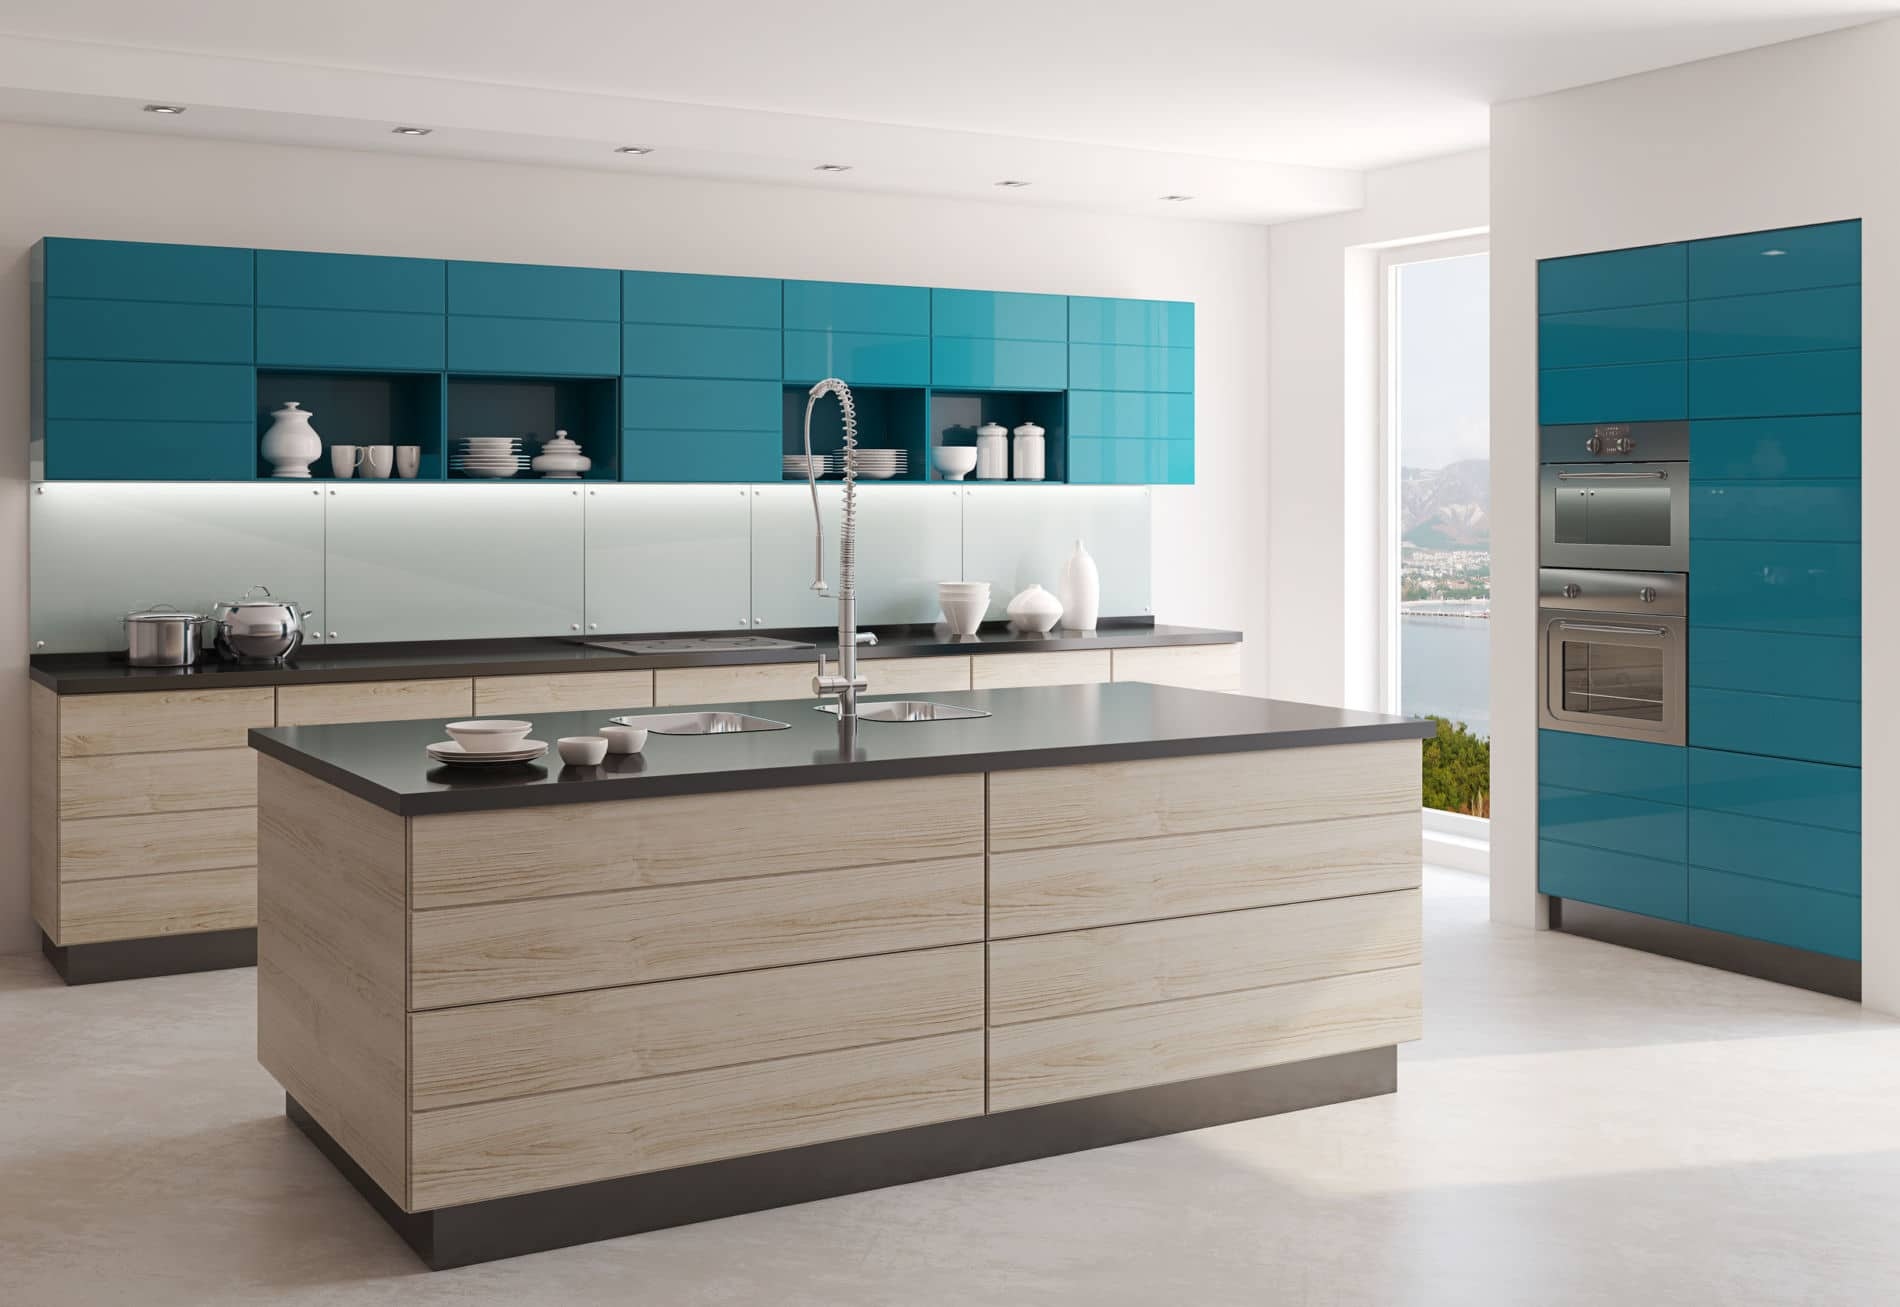 מטבח בעיצוב מודרני - מטבחים מודרניים באיכות גבוהה